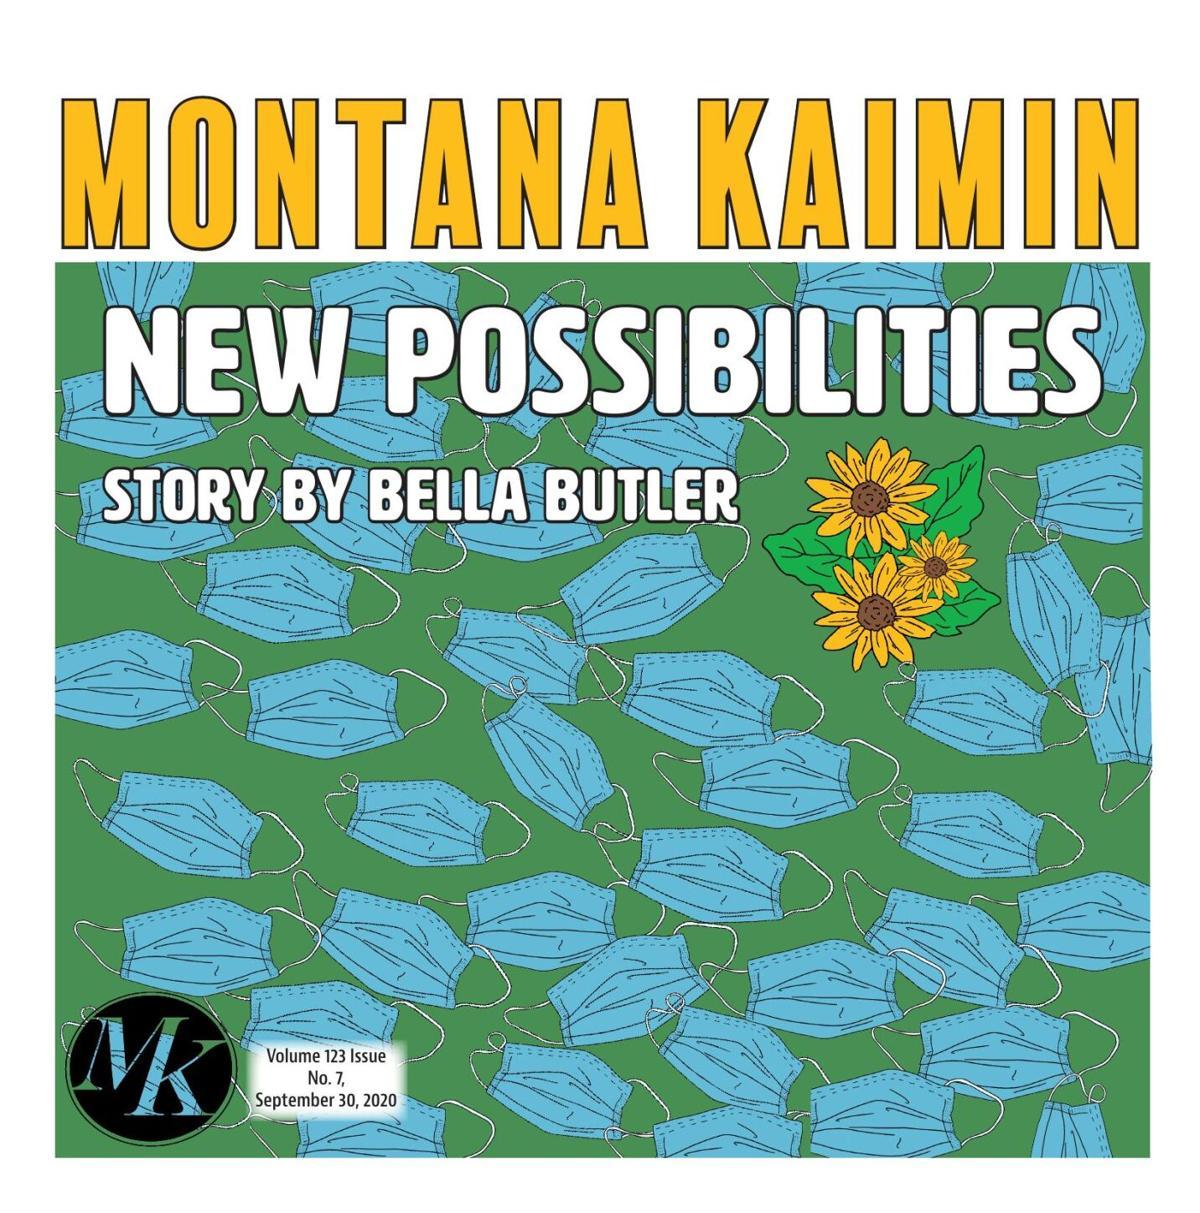 Montana Kaimin | Vol 123 Issue no. 07 09.30.2020